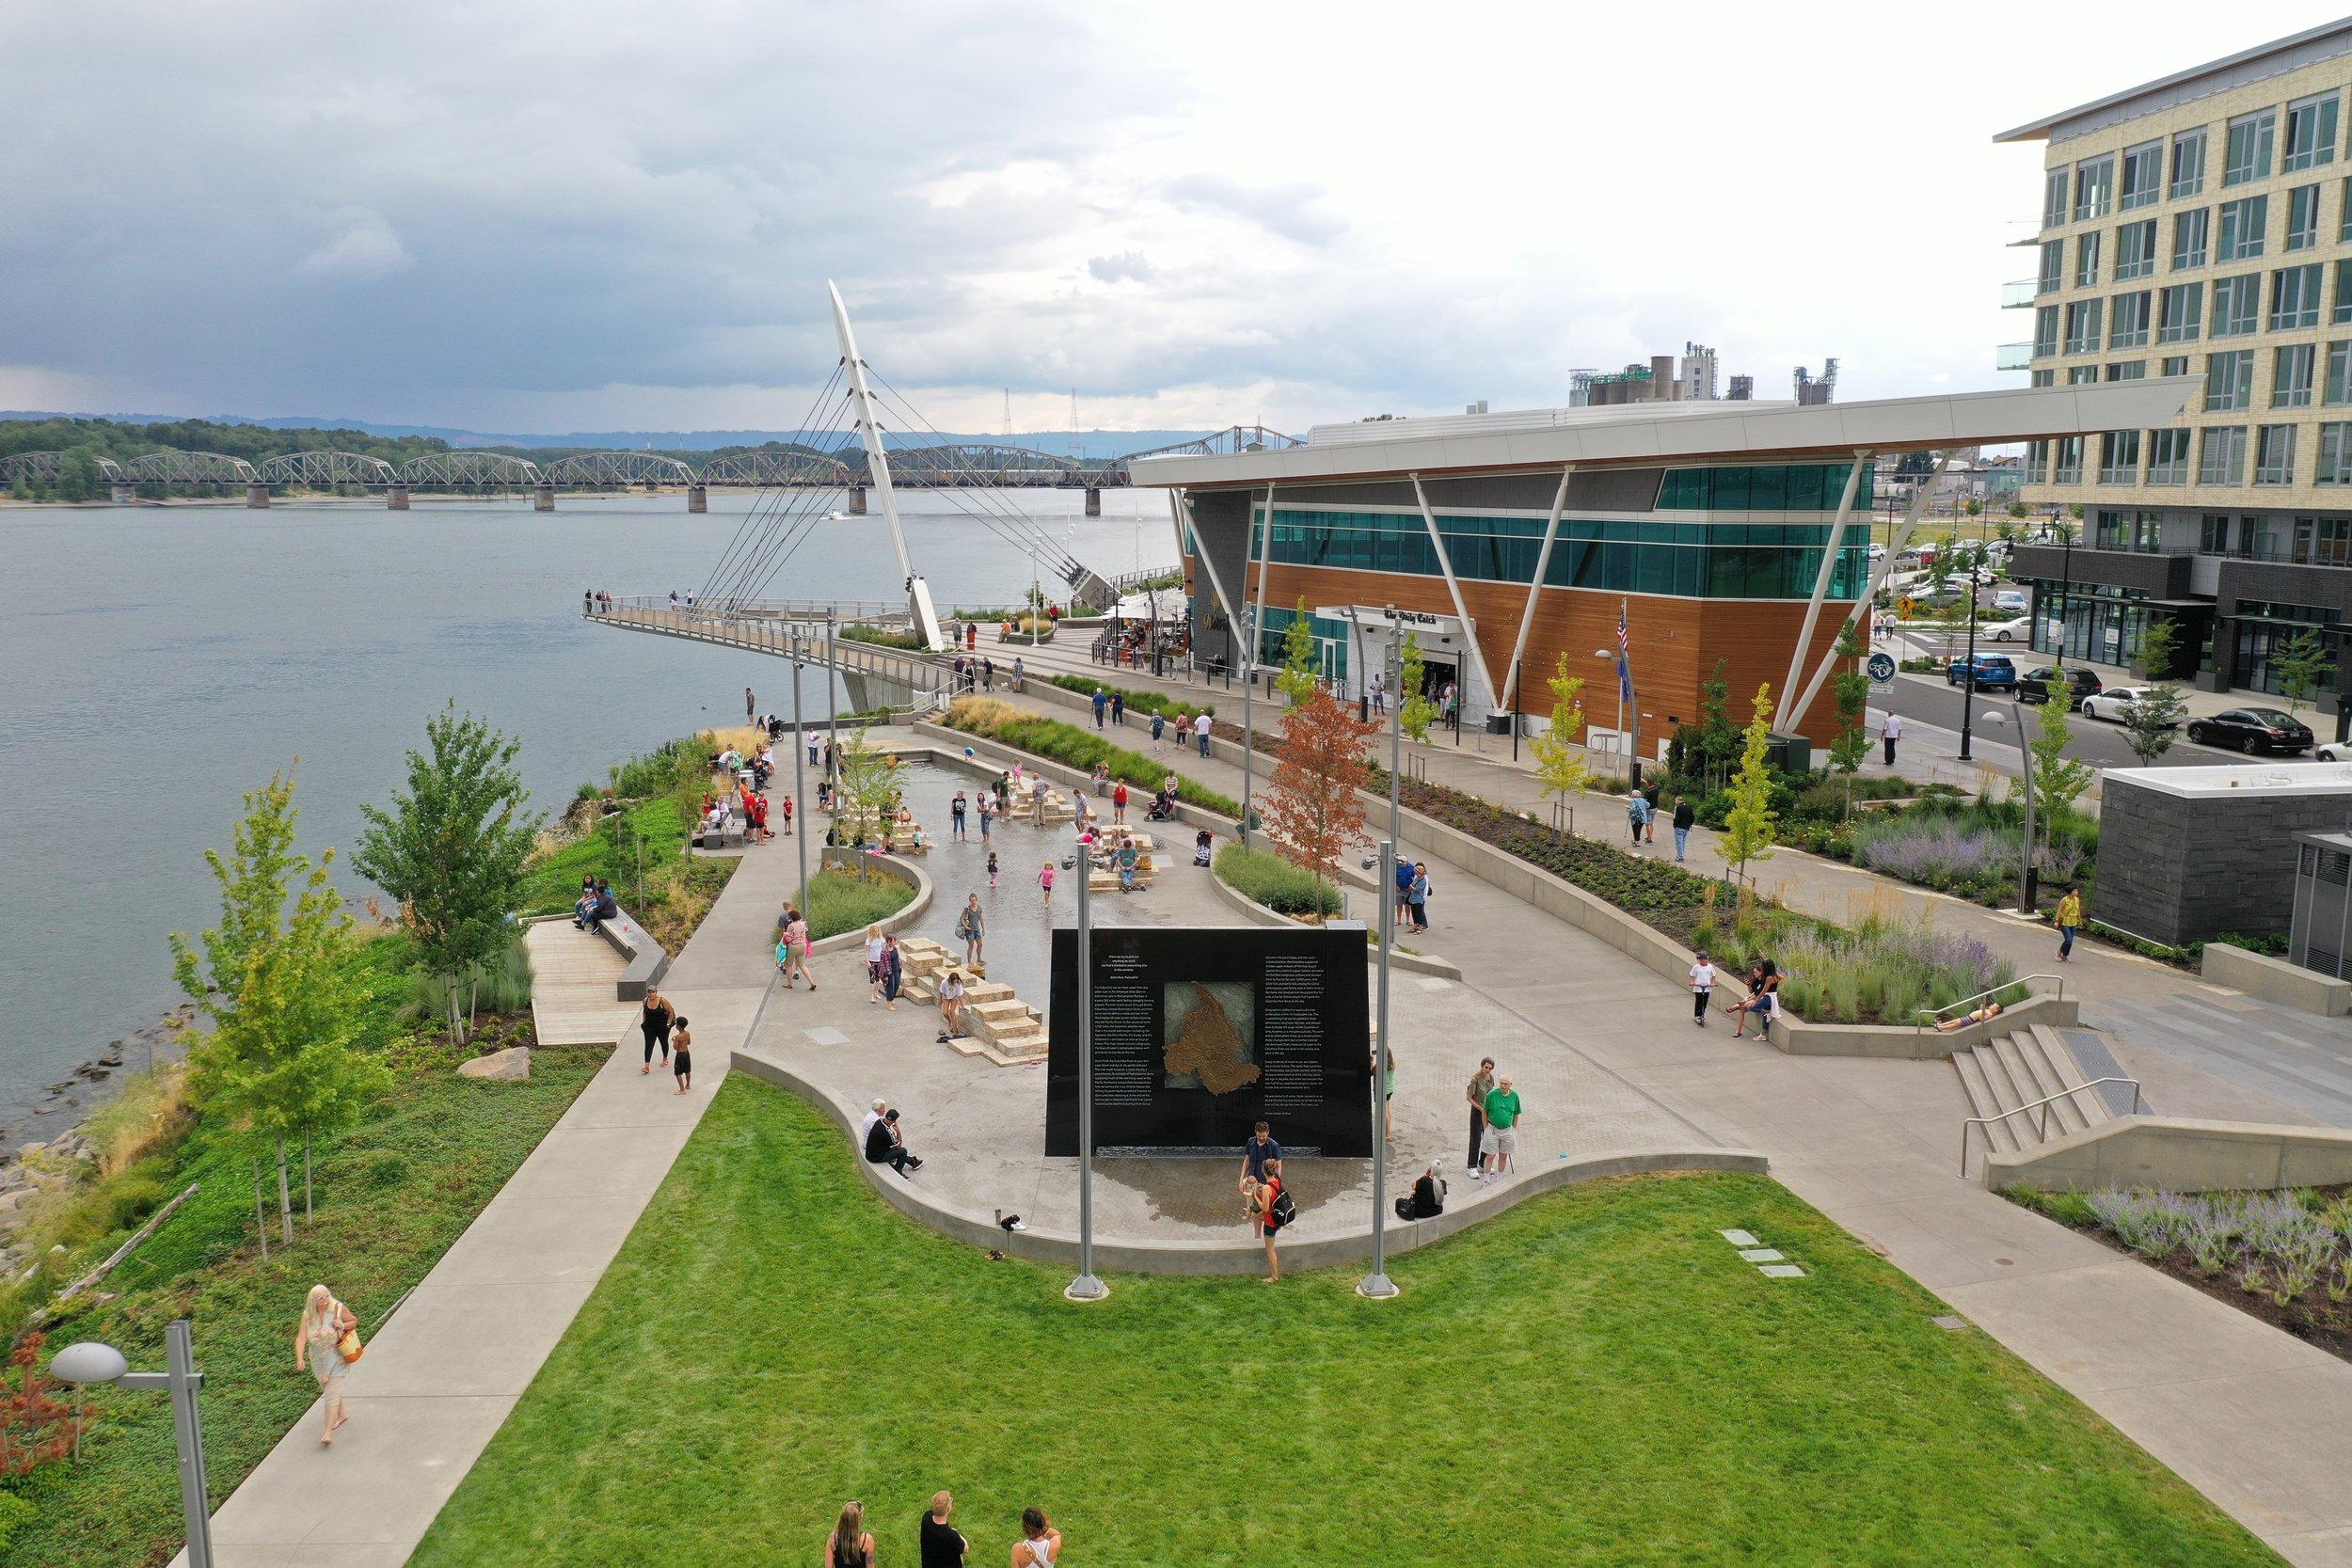 vancouver_waterfront park fountain_larry kirkland_public art services_j grant projects_22.JPG